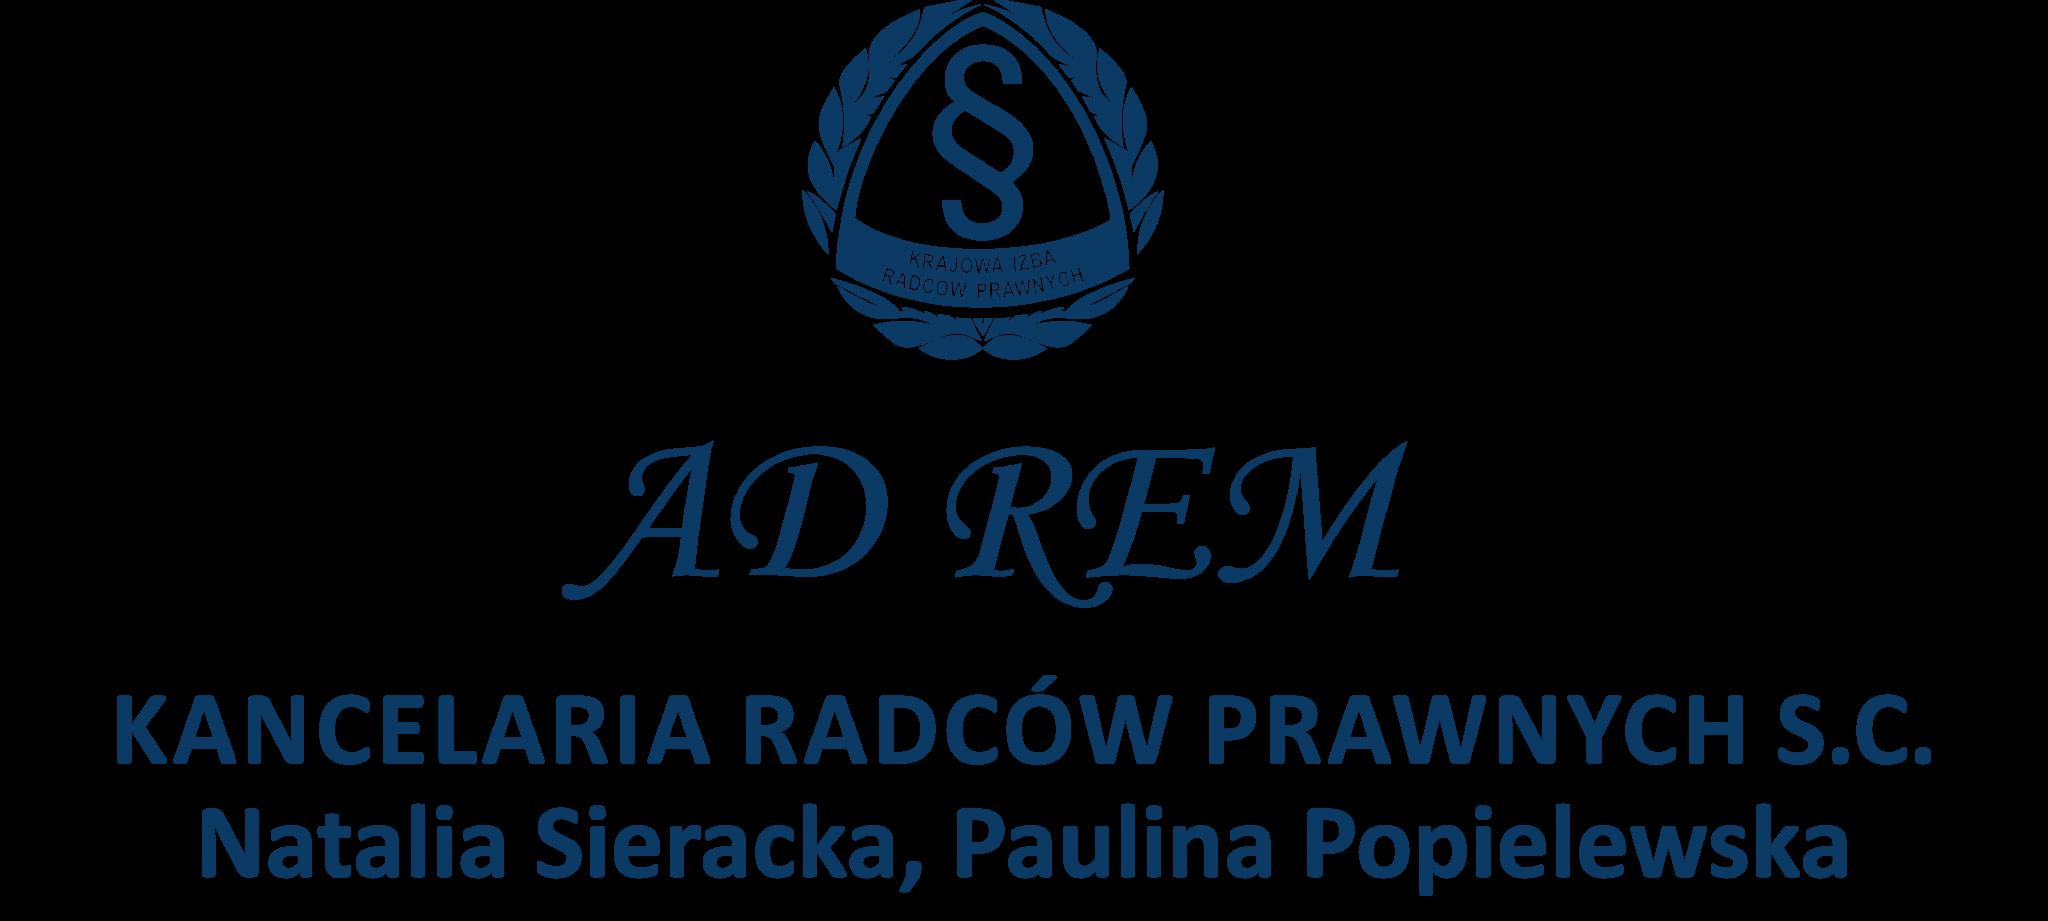 AD REM Kancelaria Radców Prawnych Solec Kujawski